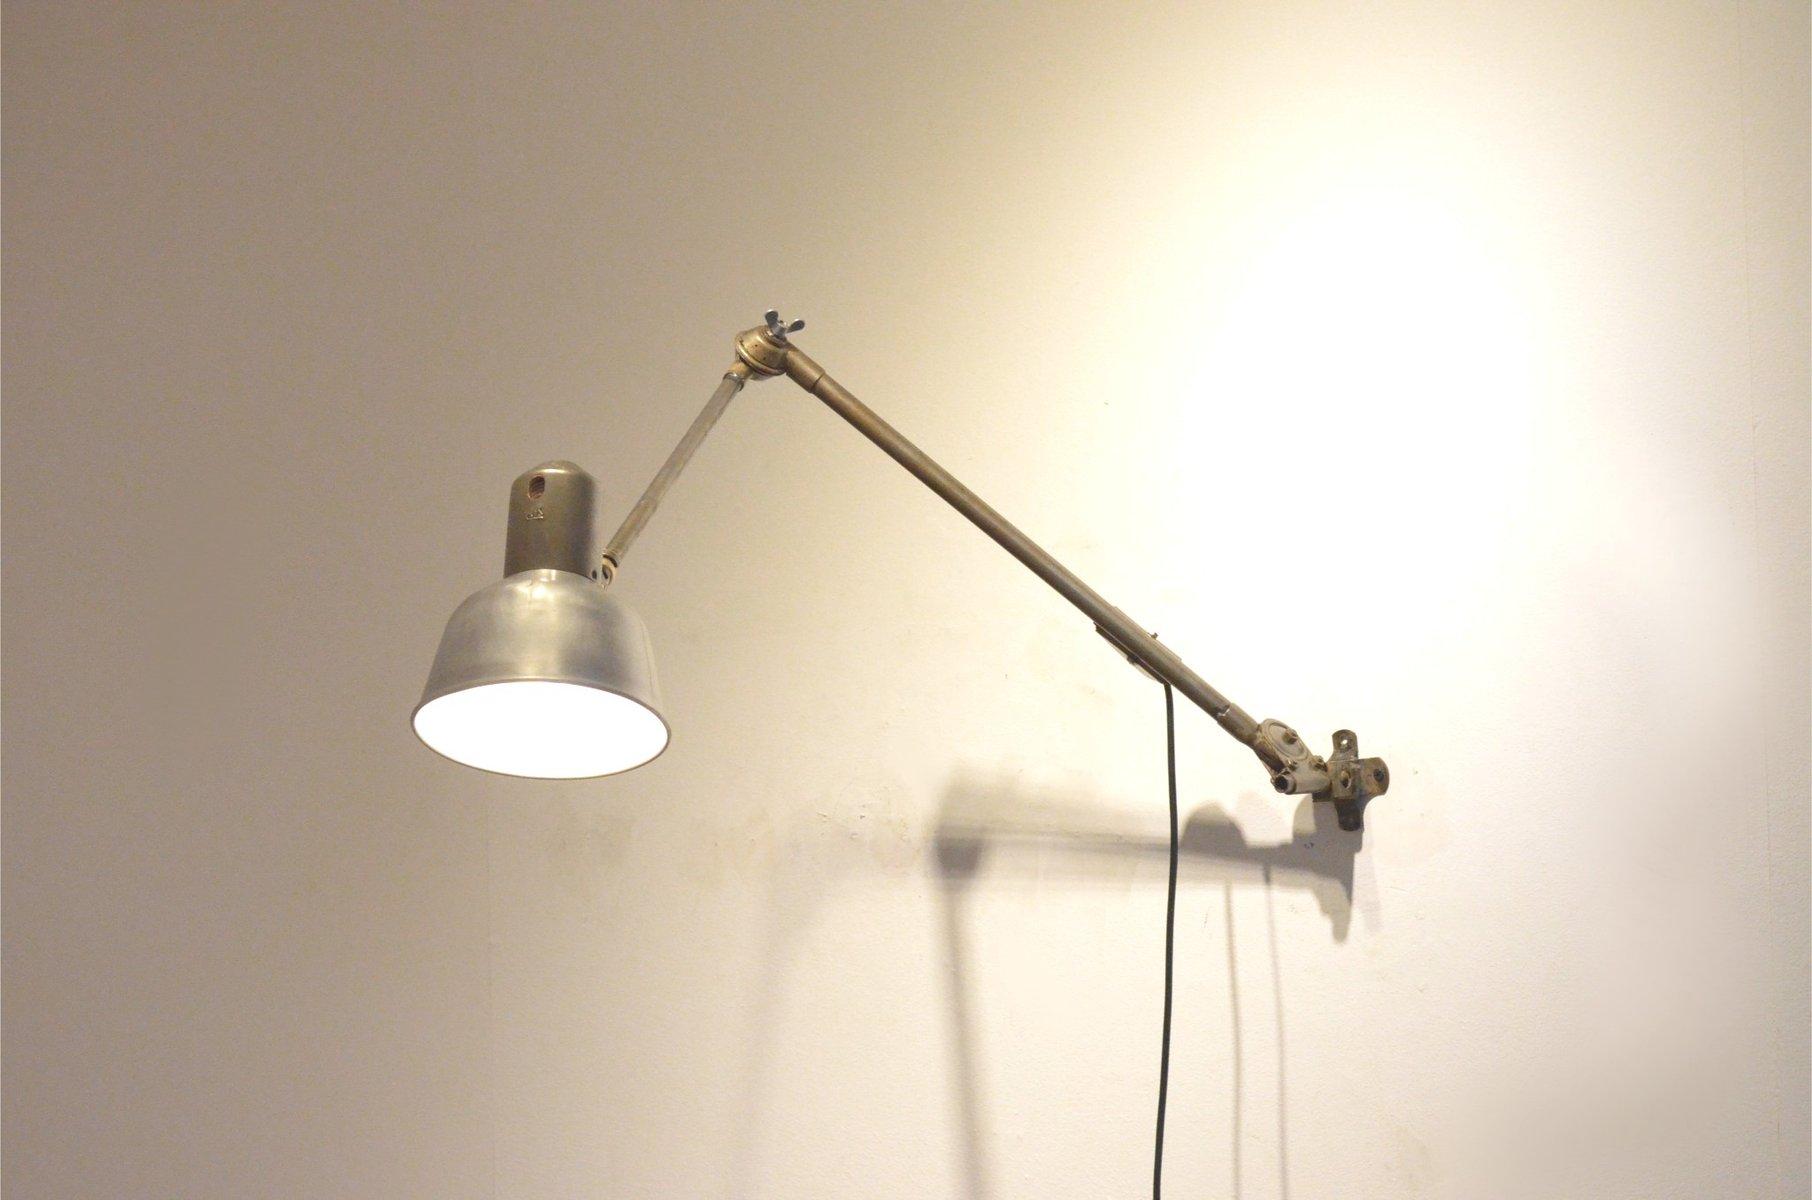 vintage industrie lampe mit metallgelenk von sis bei pamono kaufen. Black Bedroom Furniture Sets. Home Design Ideas